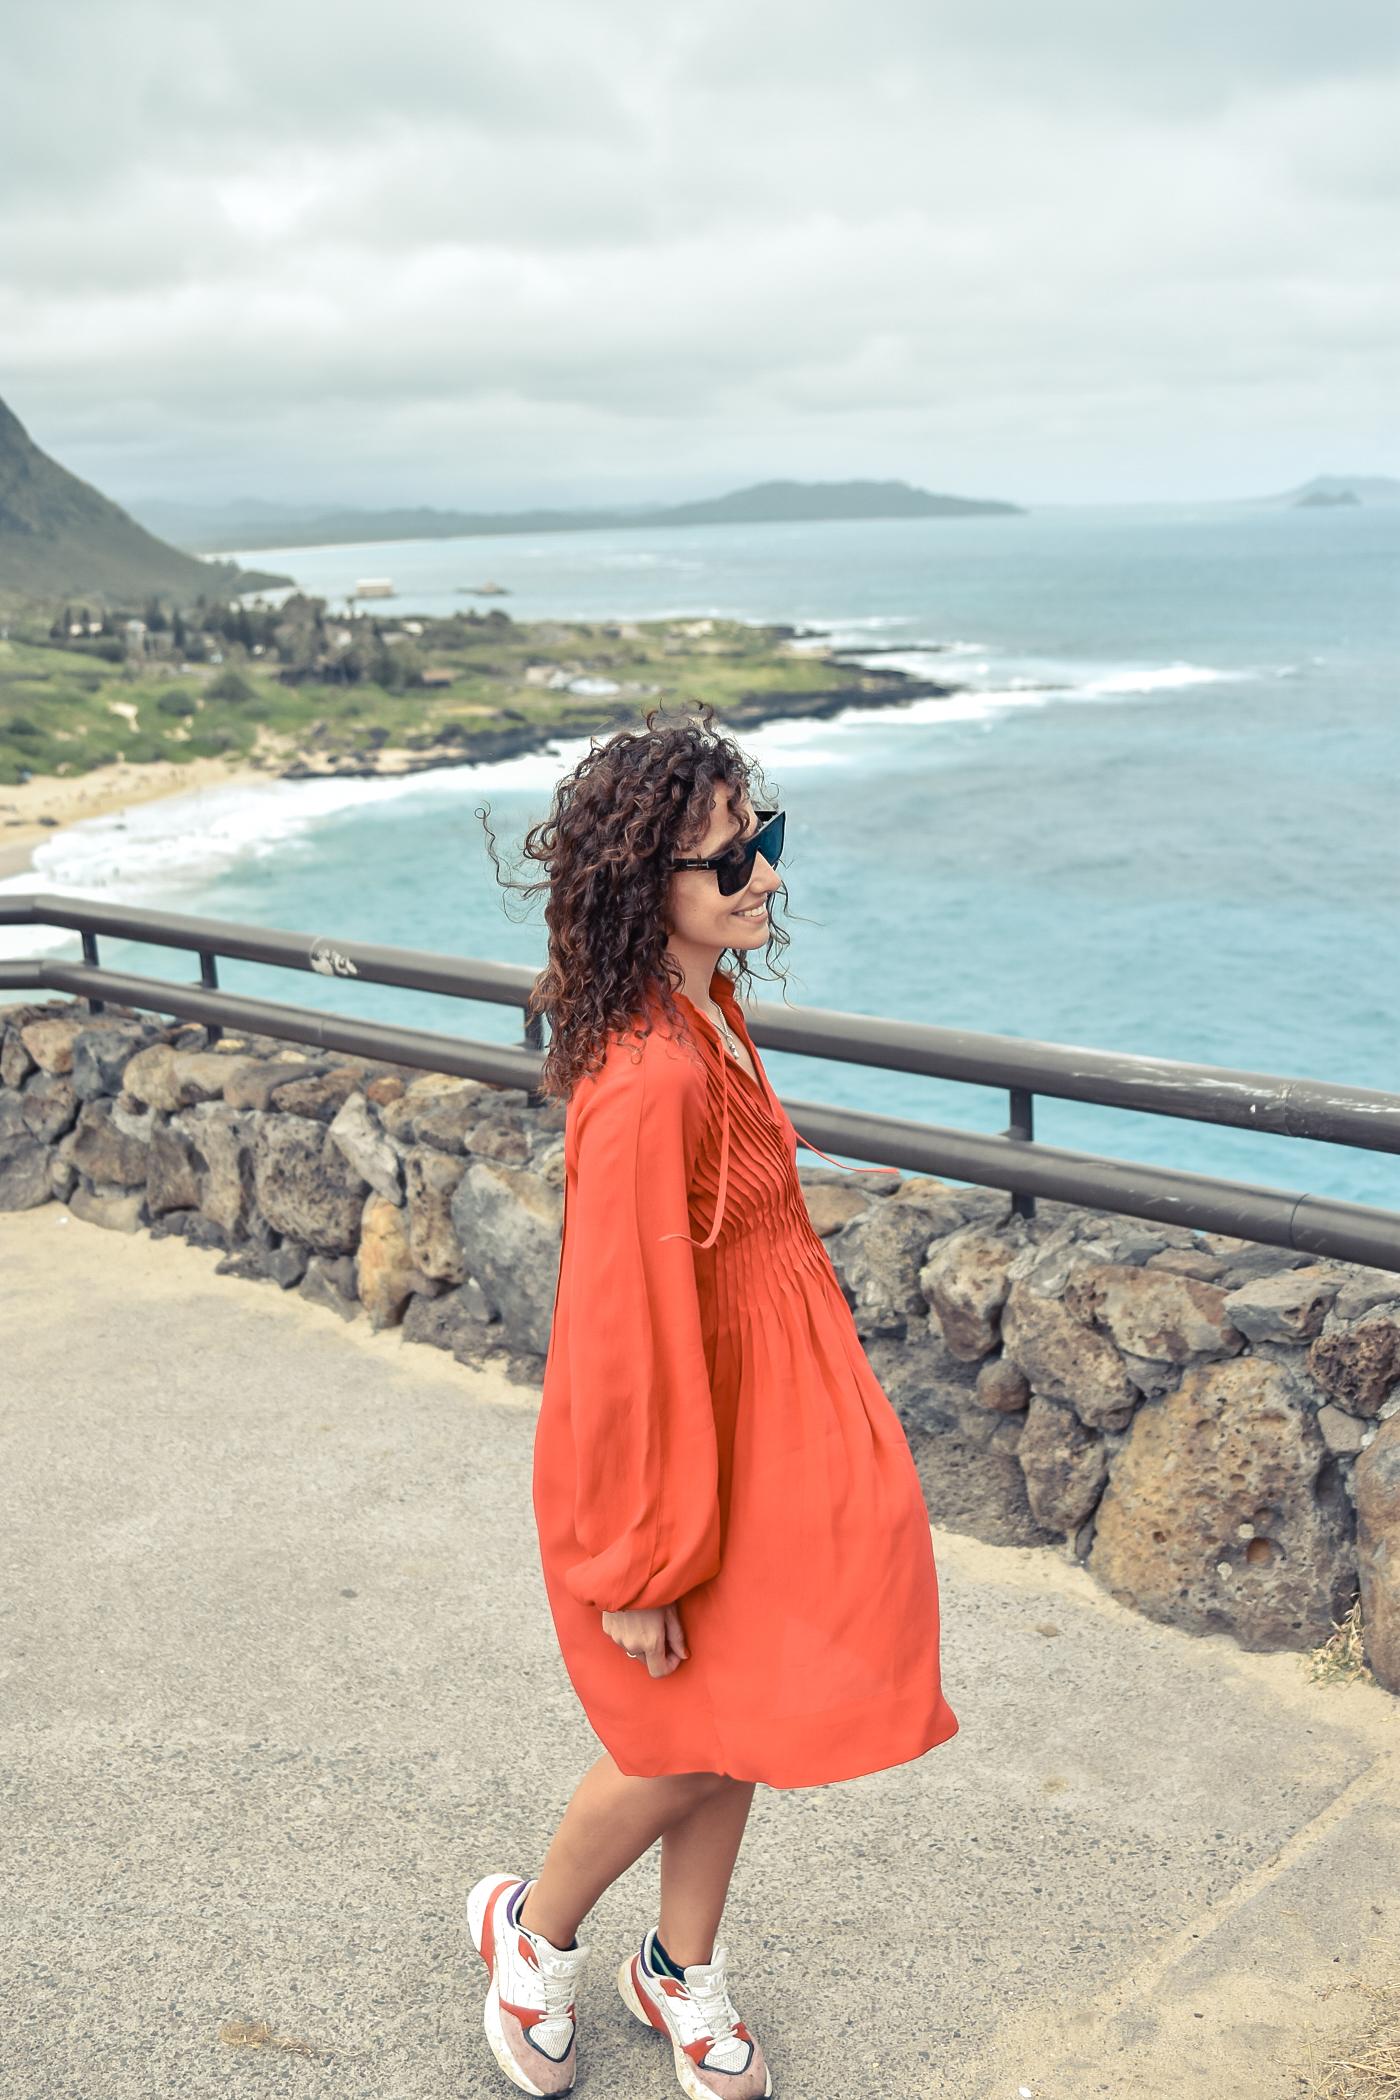 1-el-blog-de-silvia-viaje-hawaii-oahu-vestido-naranja